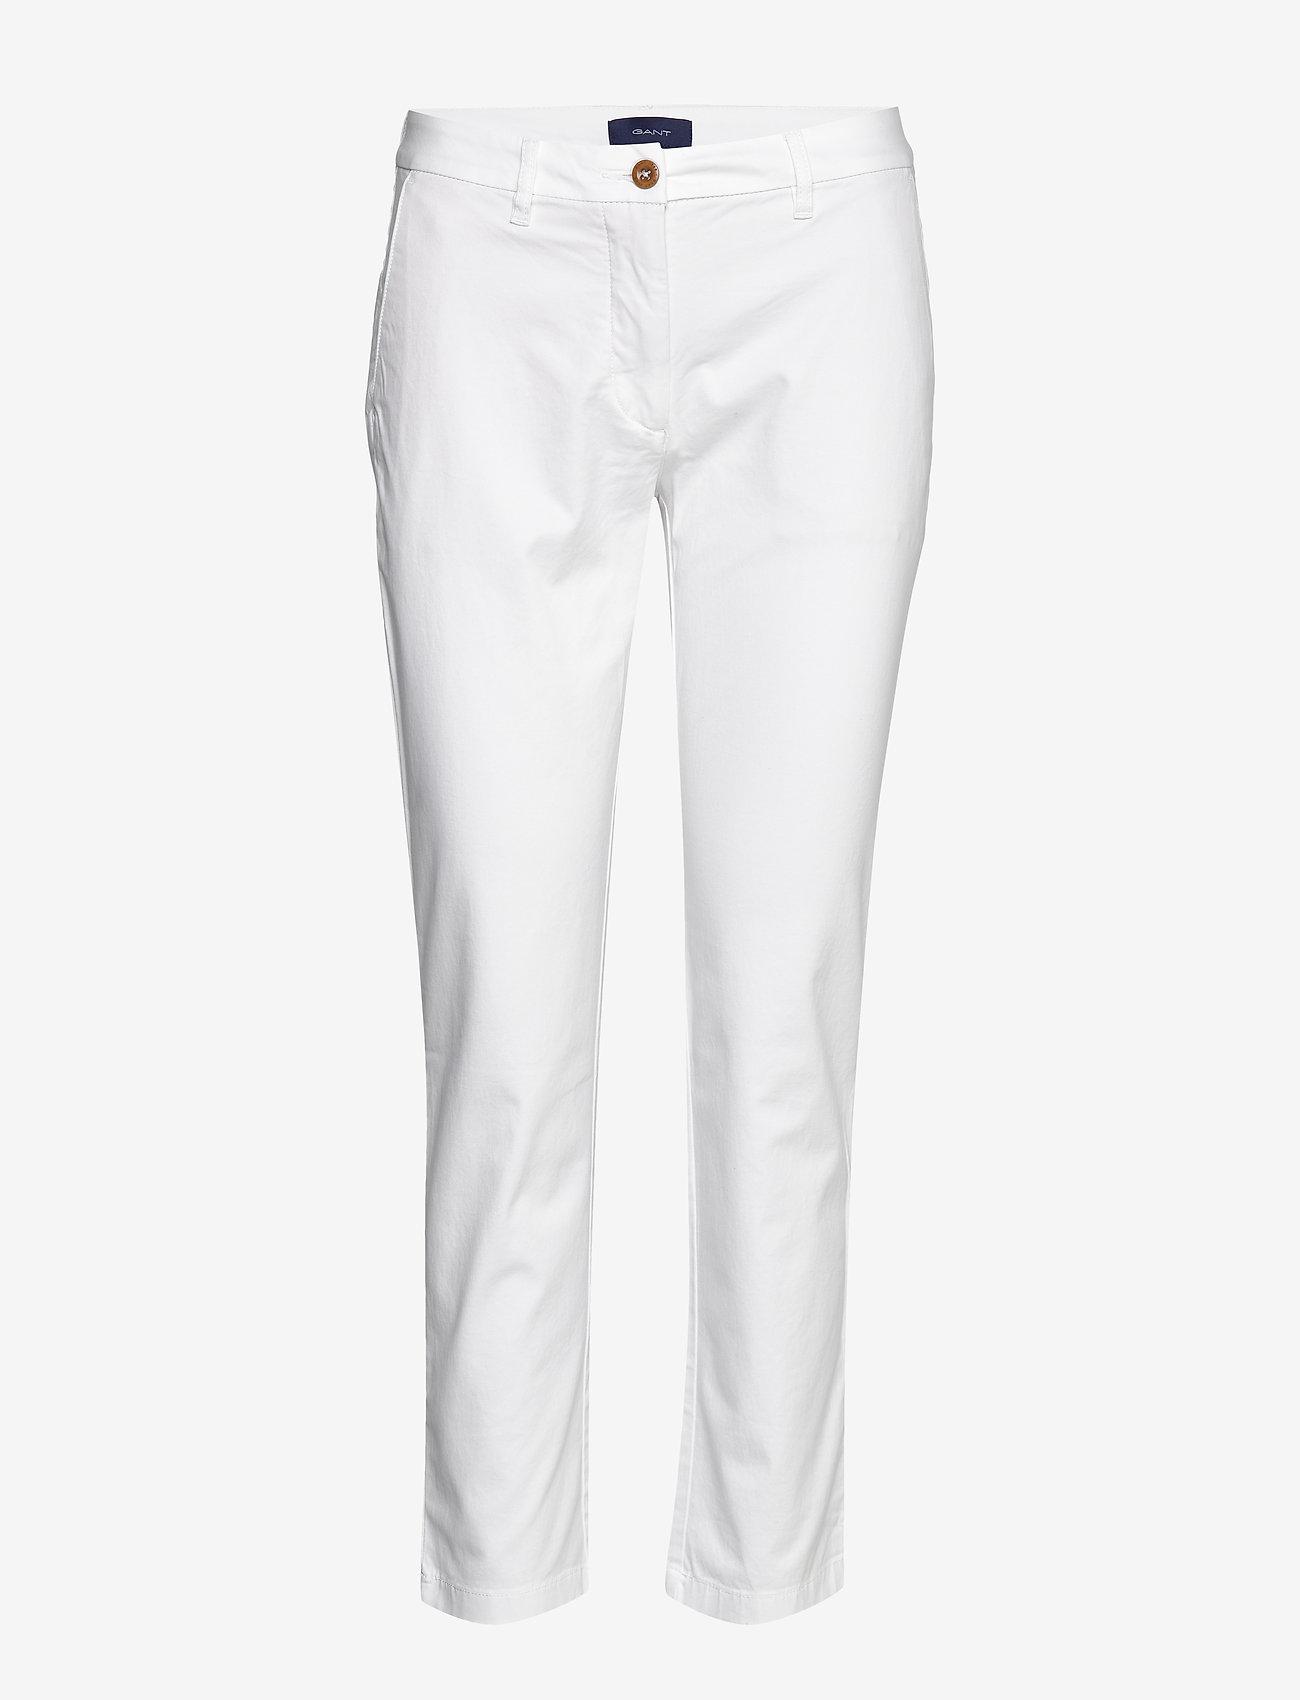 Gant - CLASSIC CHINO - straight leg trousers - white